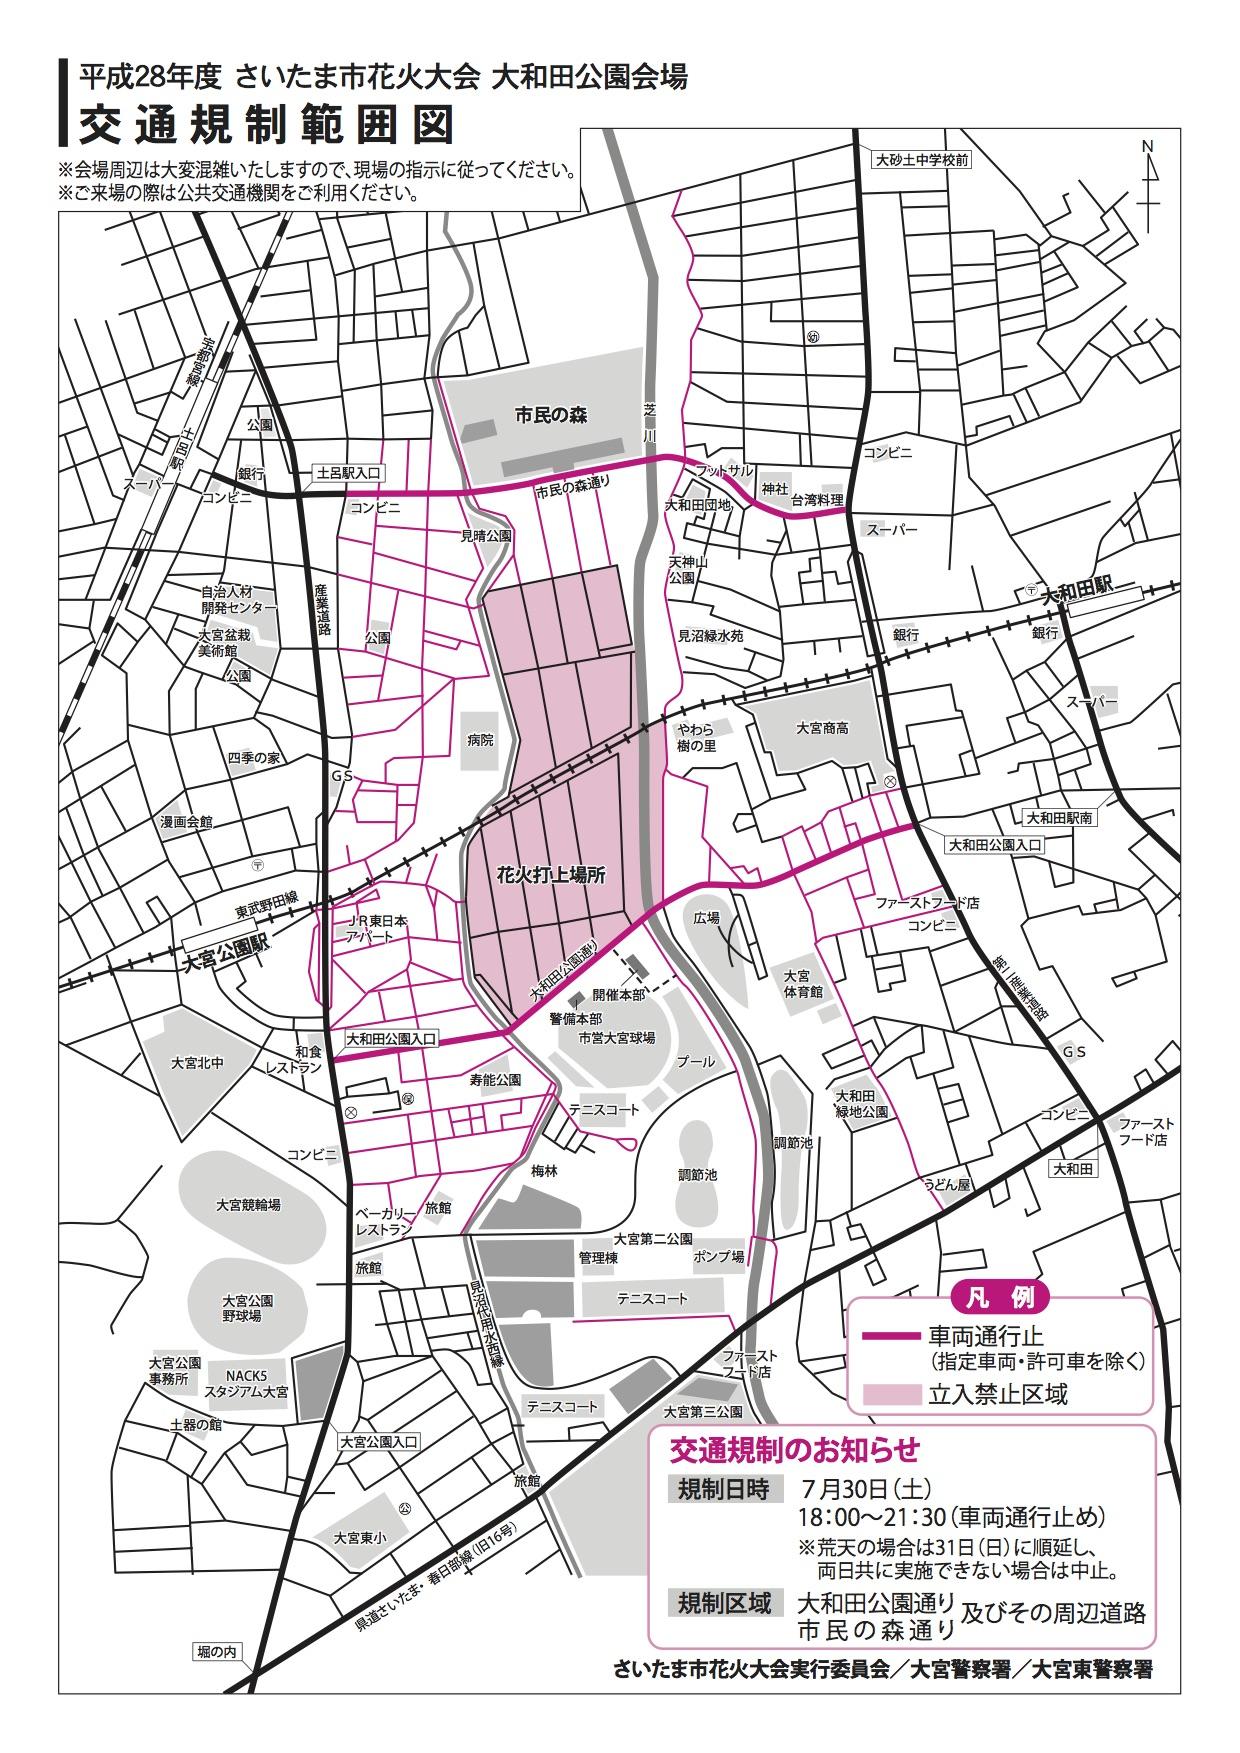 さいたま市花火大会 大和田公園会場 交通規制図